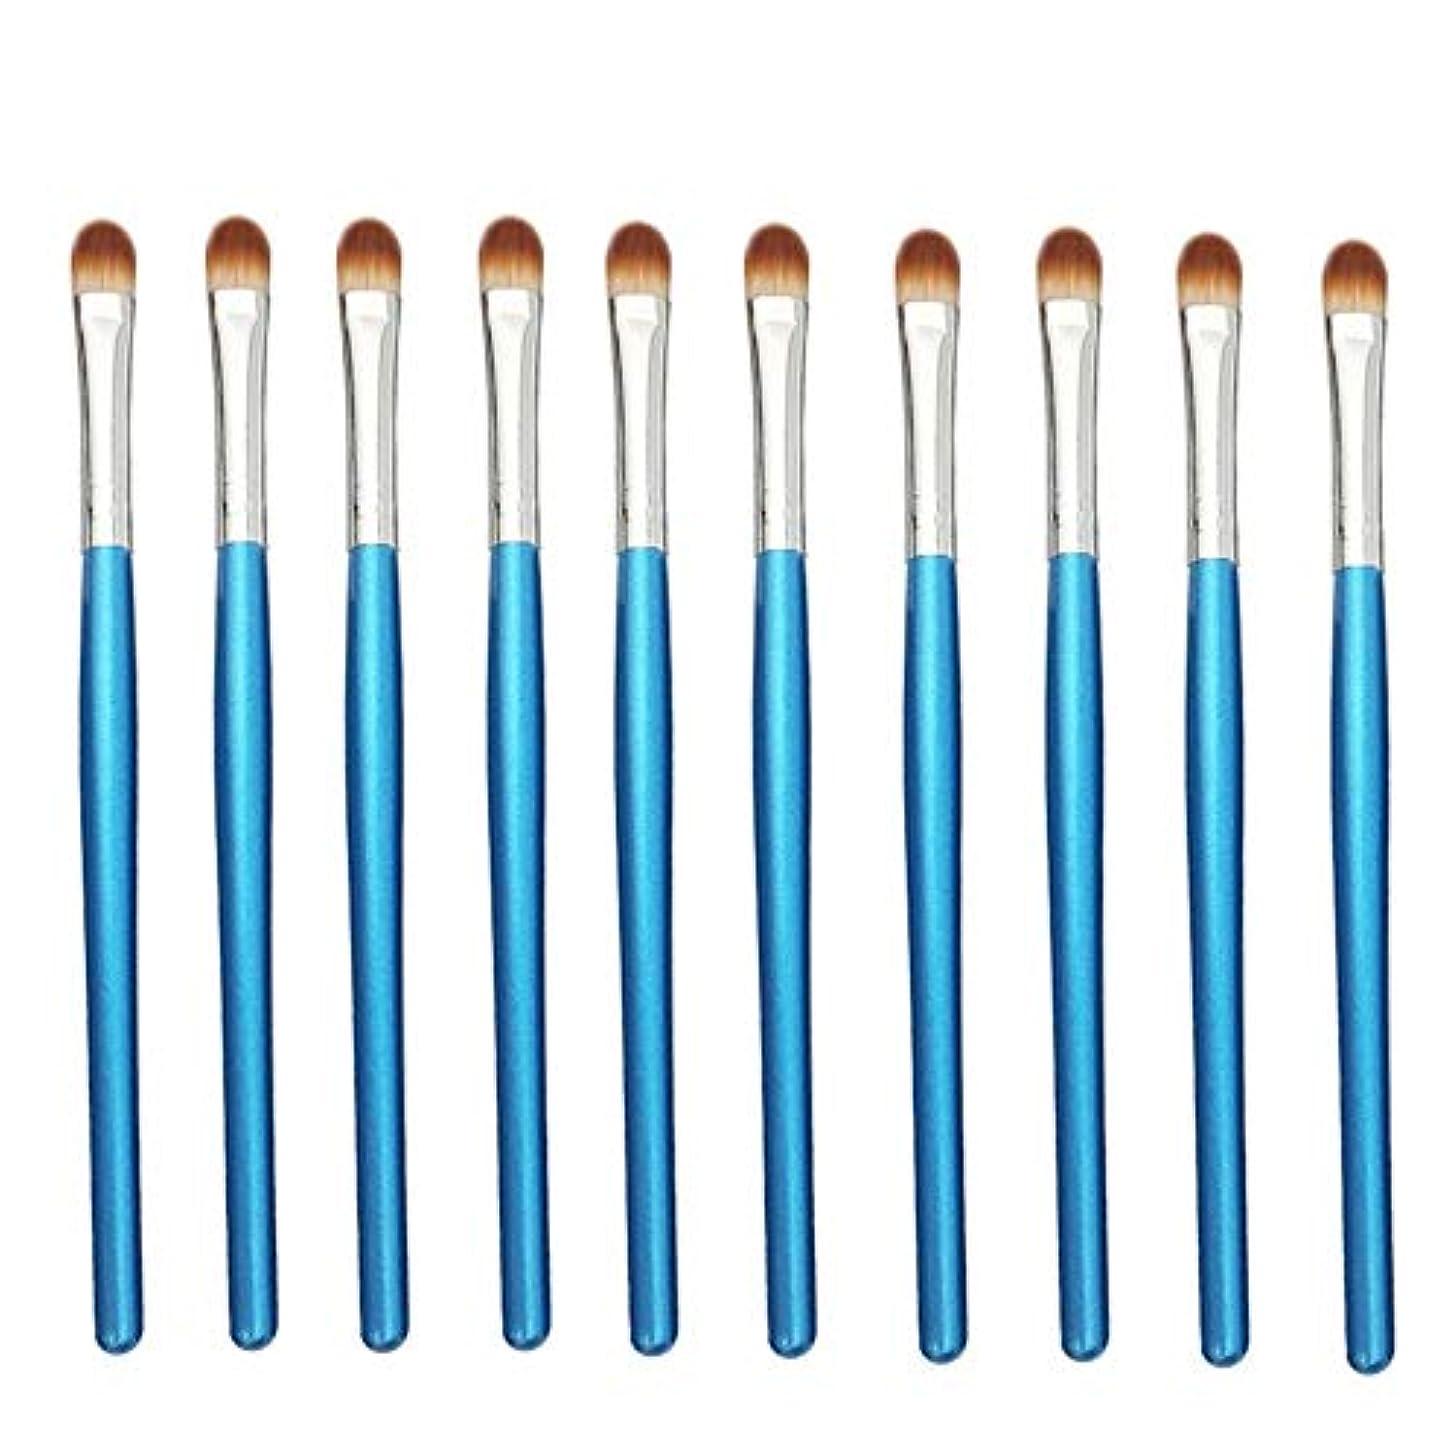 上院全能荒廃するMakeup brushes 青、初心者および専門家に適したアイシャドウブラシアイメイクブラシ10スティックアイメイクブラシ suits (Color : Blue Silver)